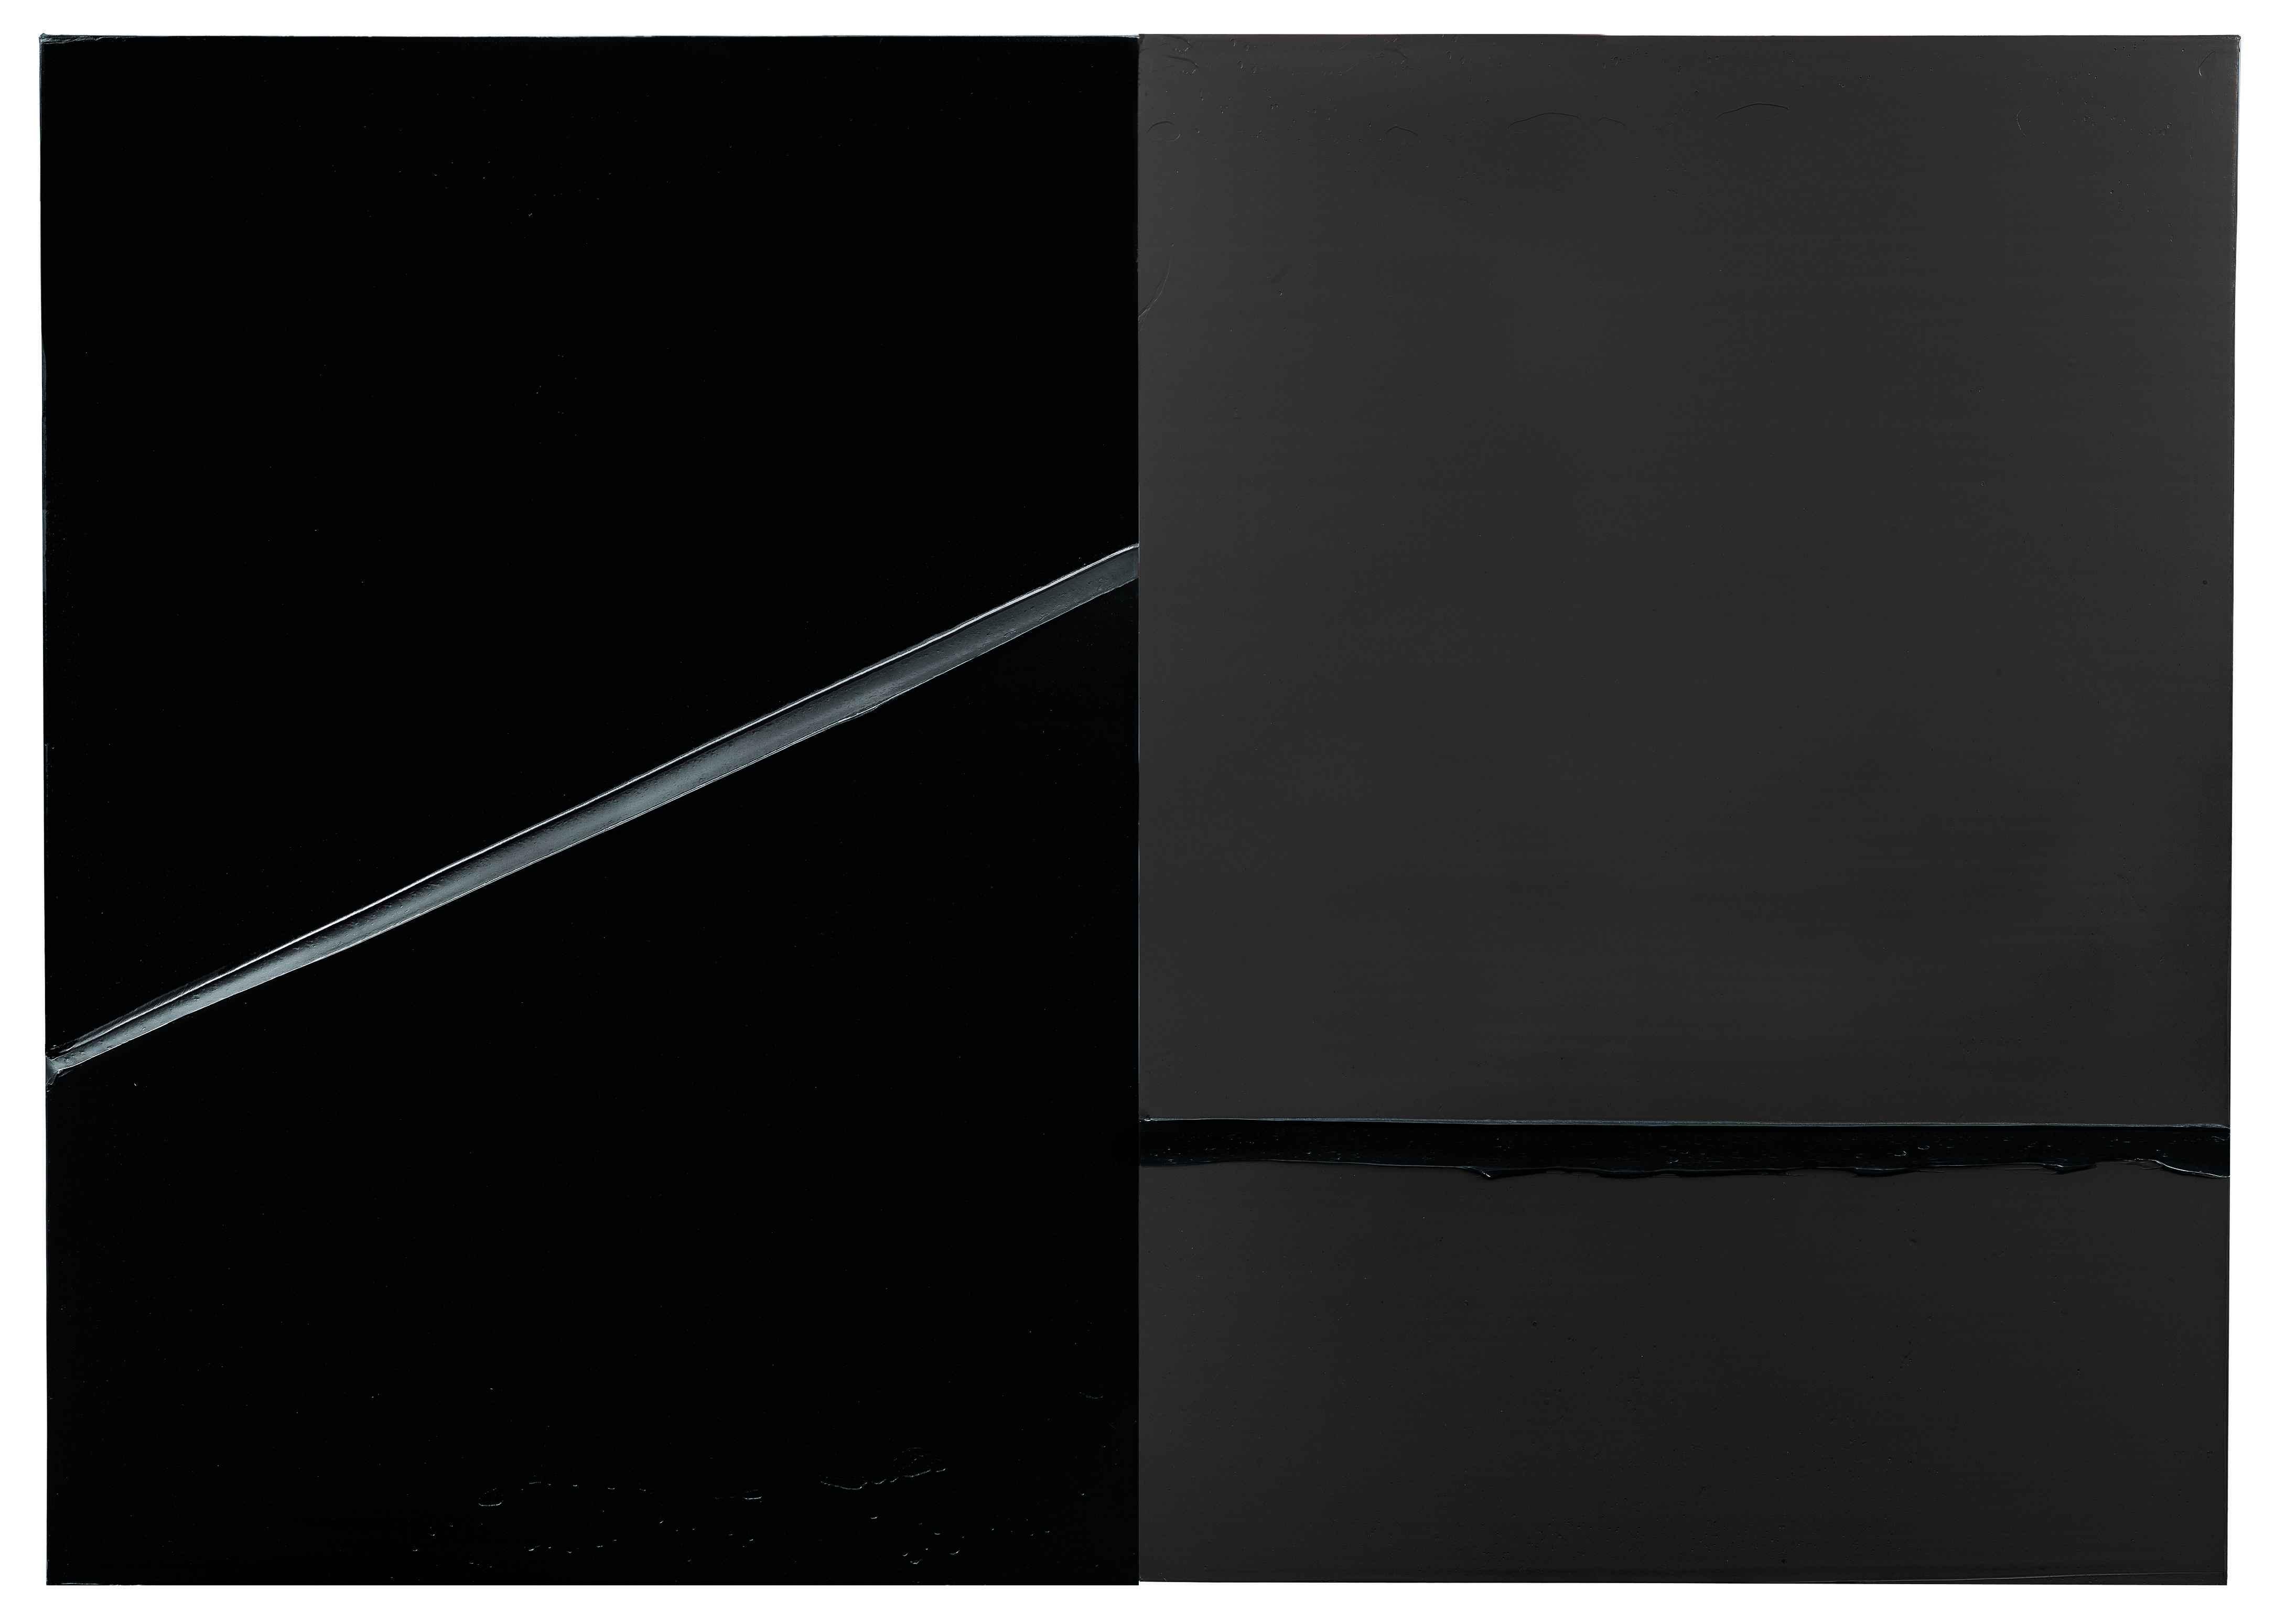 8_pierre-soulages_peinture_222-x-314cm_24-fevrier-2008_paris-pierre-soulages–archives-soulages–adagp-paris-2019